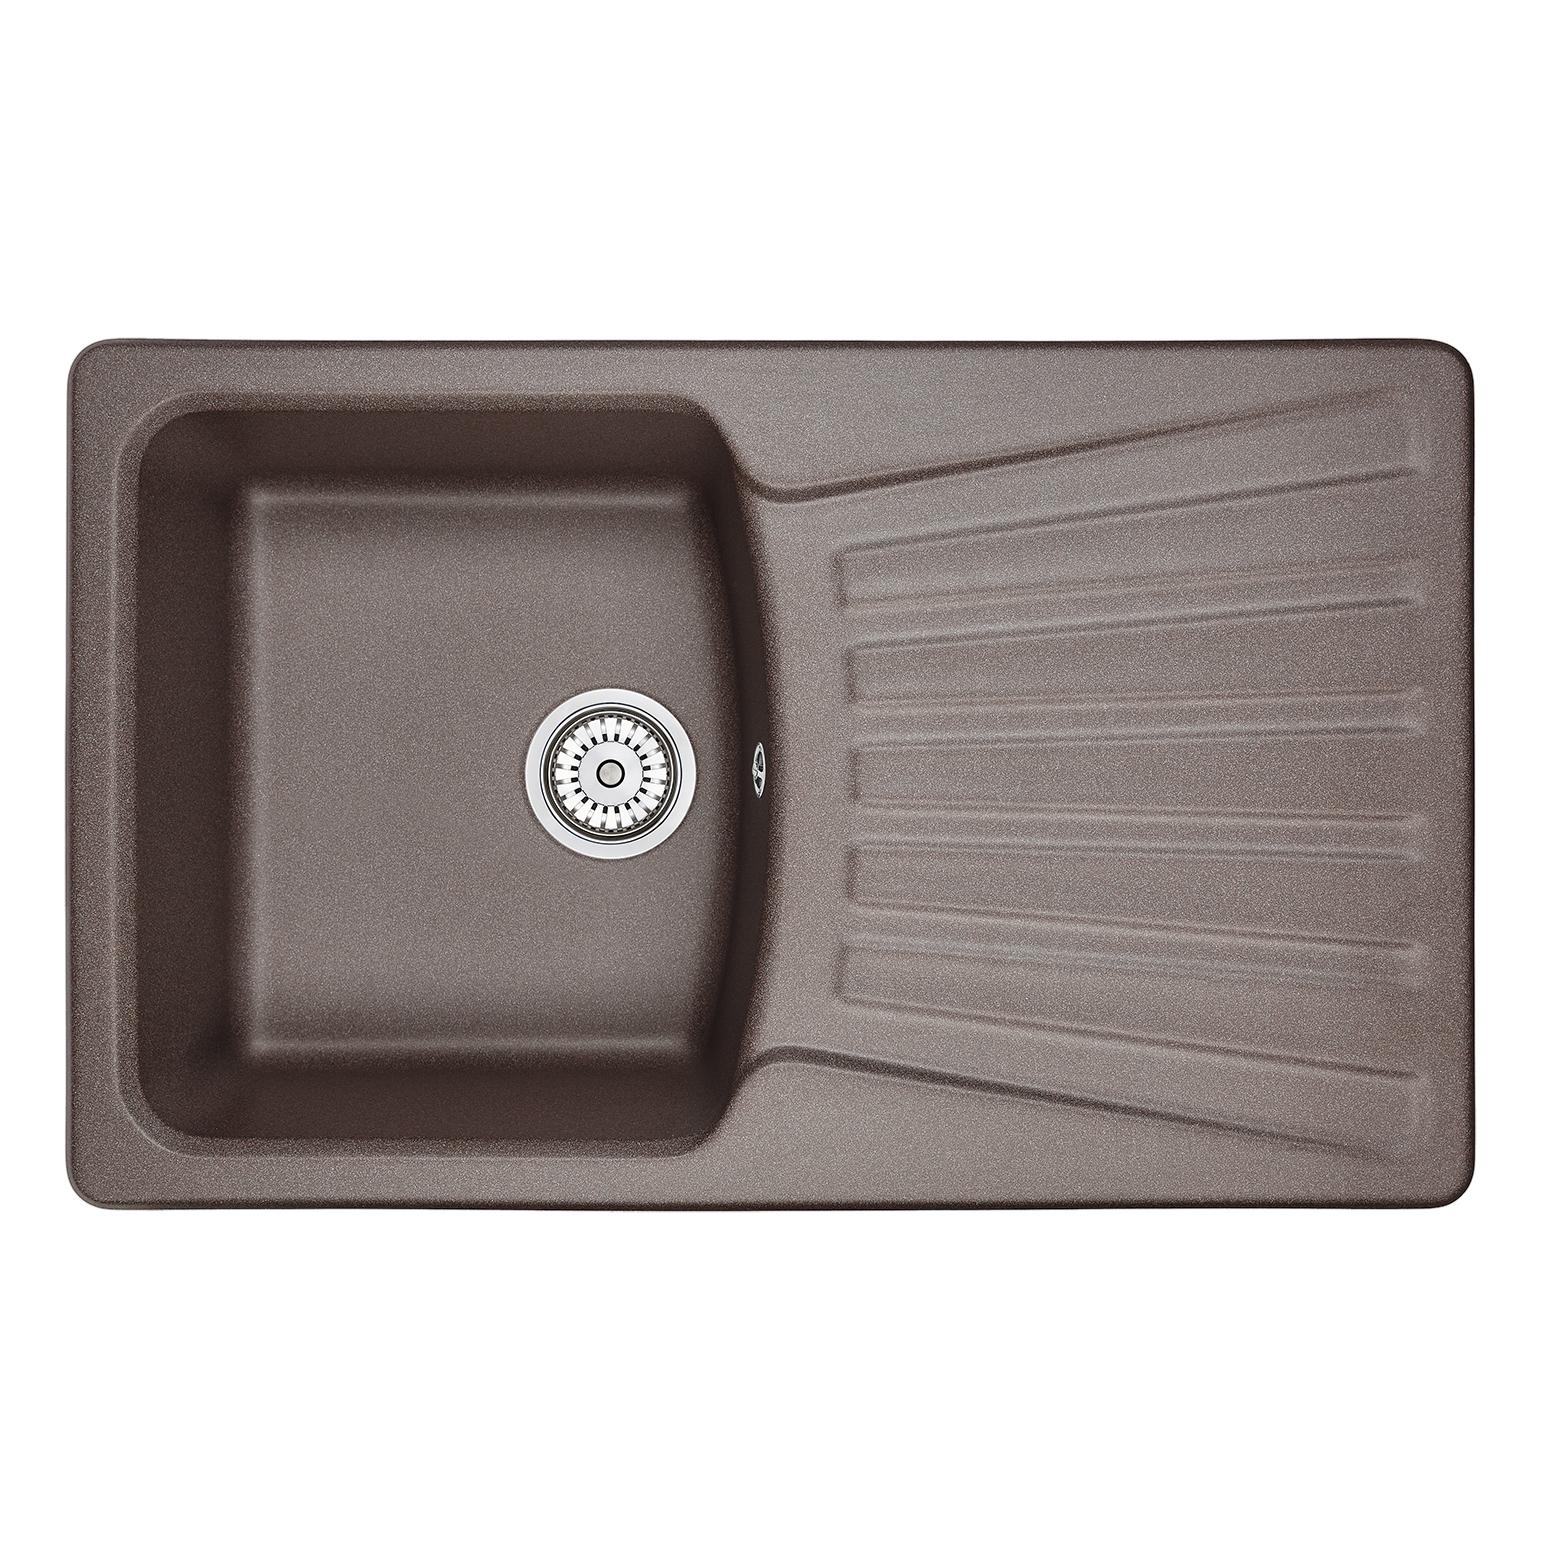 Кухонная мойка Granula GR-8001 790х500 эспрессо посуда кухонная